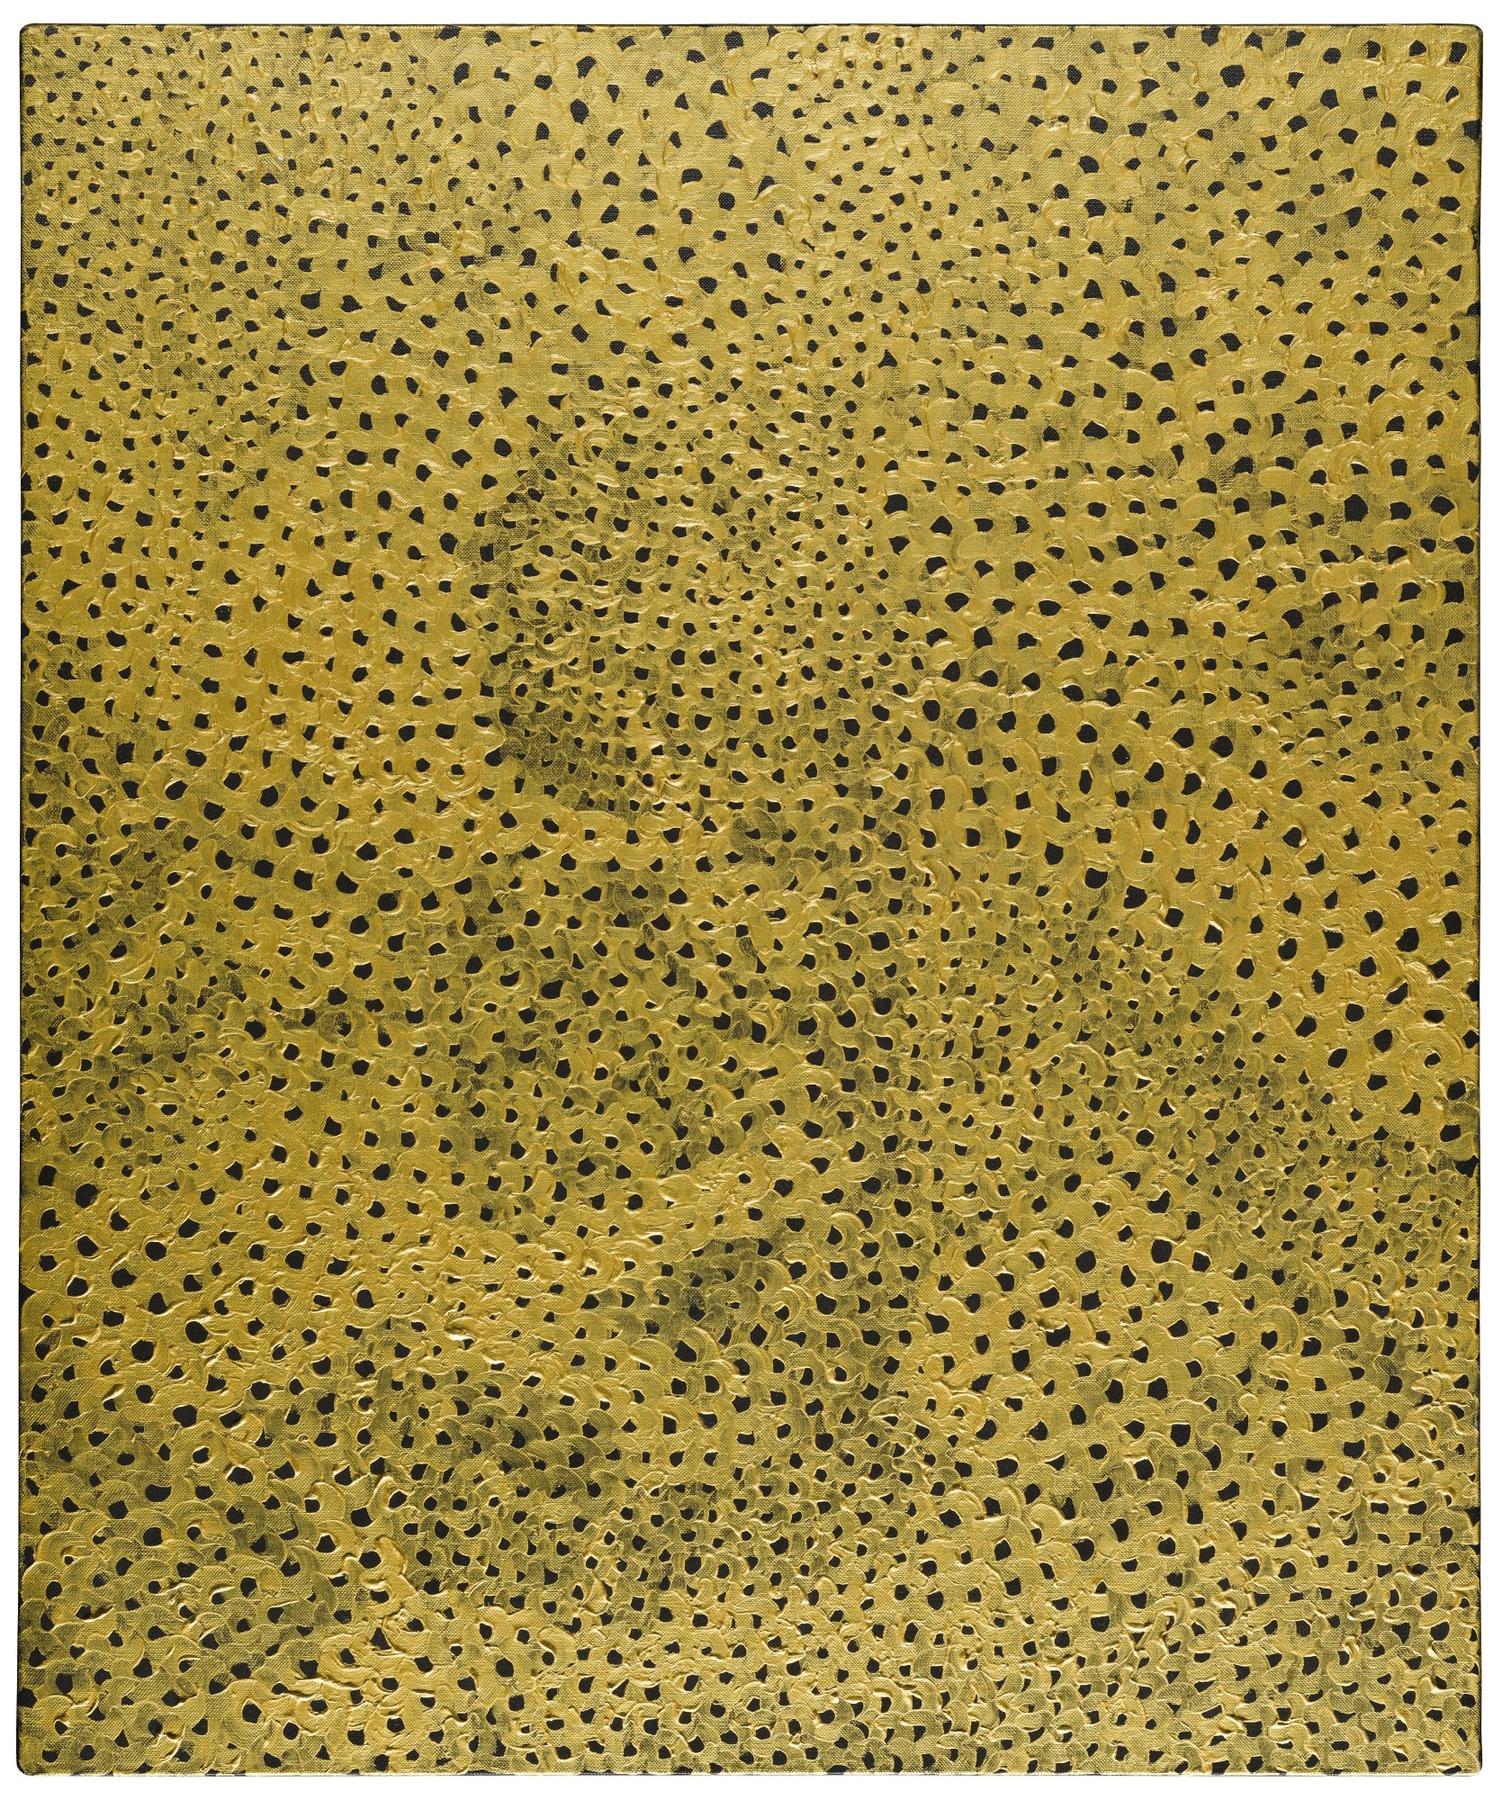 Yayoi Kusama-Infinity Nets (0902F)-2000